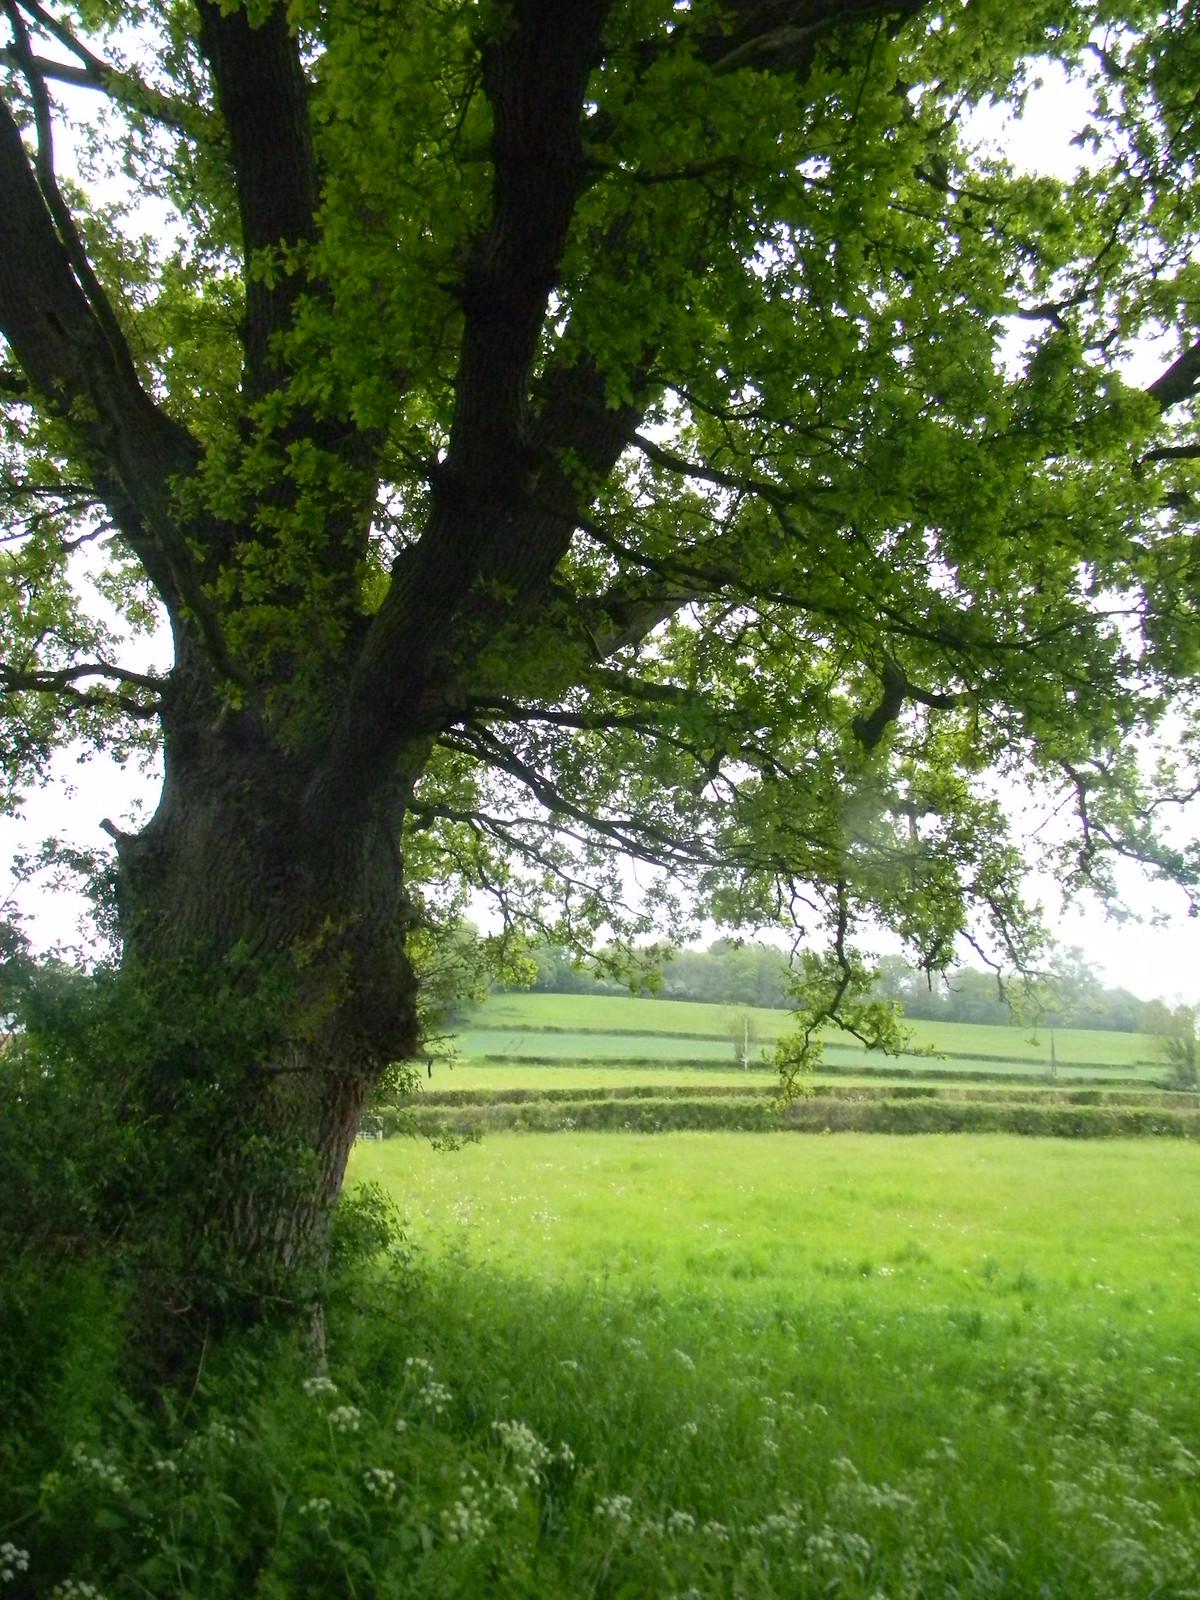 Tree , field Cowden to Eridge